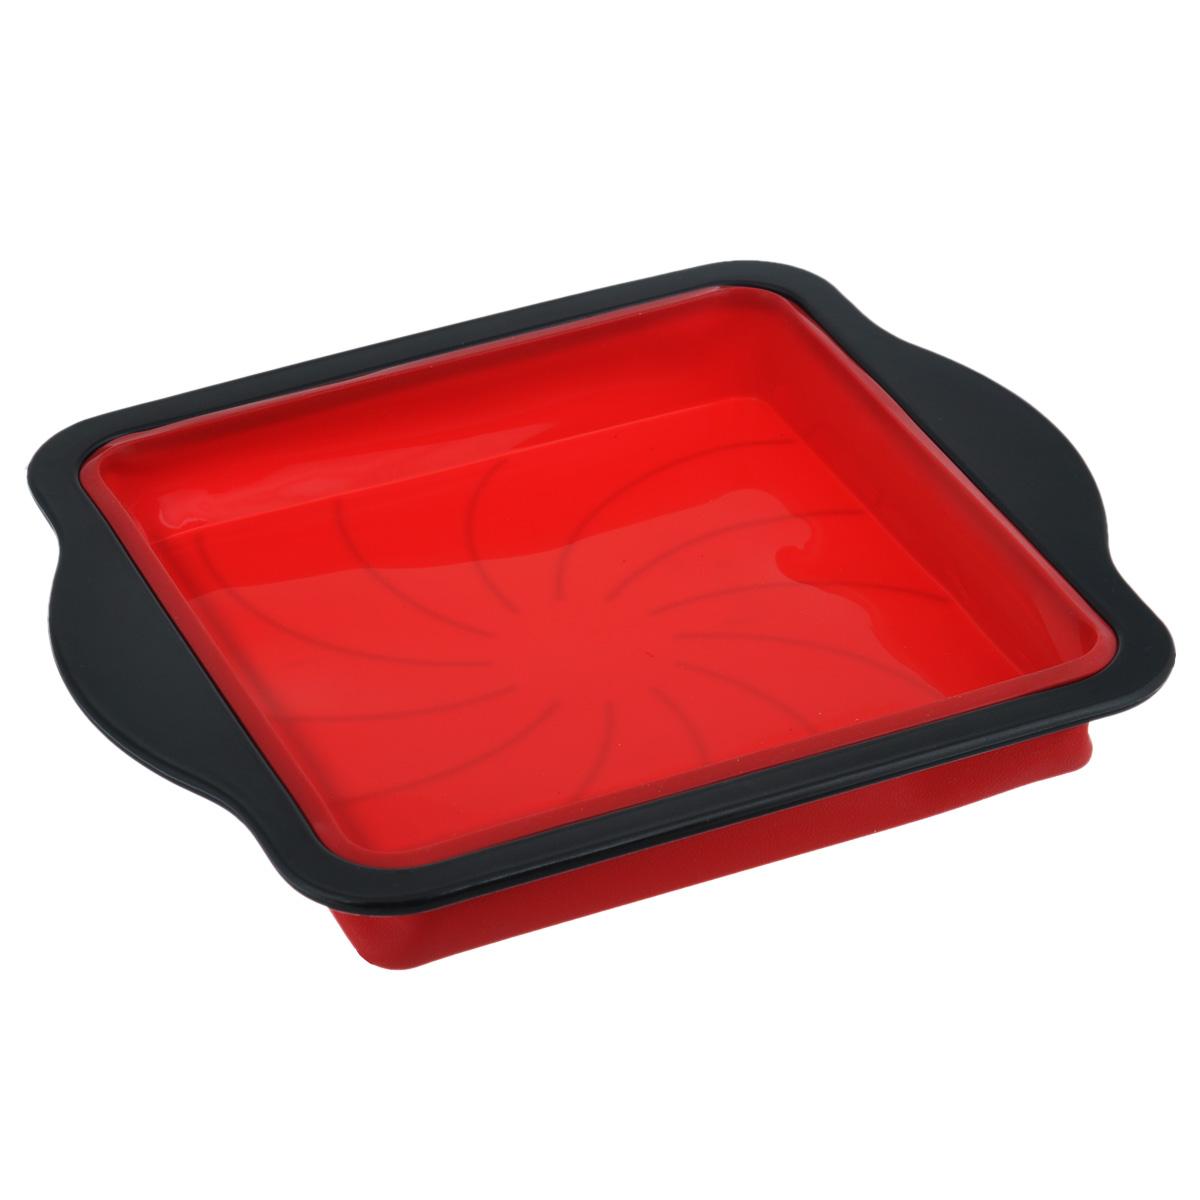 Форма для пирога Mayer & Boch, квадратная, цвет: черный, красный, 32,5 см х 28 смFS-91909Форма для пирога Mayer & Boch изготовлена из высококачественного пищевого силикона. Благодаря пластиковому ободу с удобными ручками изделие легко вынимать из духовки. Форма идеально подходит для приготовления пирогов и других блюд. Выдерживает температуру до +230°C.Форма для запекания Mayer & Boch подходит для приготовления блюд в духовке. Можно мыть в посудомоечной машине.Размер формы (с учетом ручек): 32,5 см х 28 см.Высота стенки: 4 см.